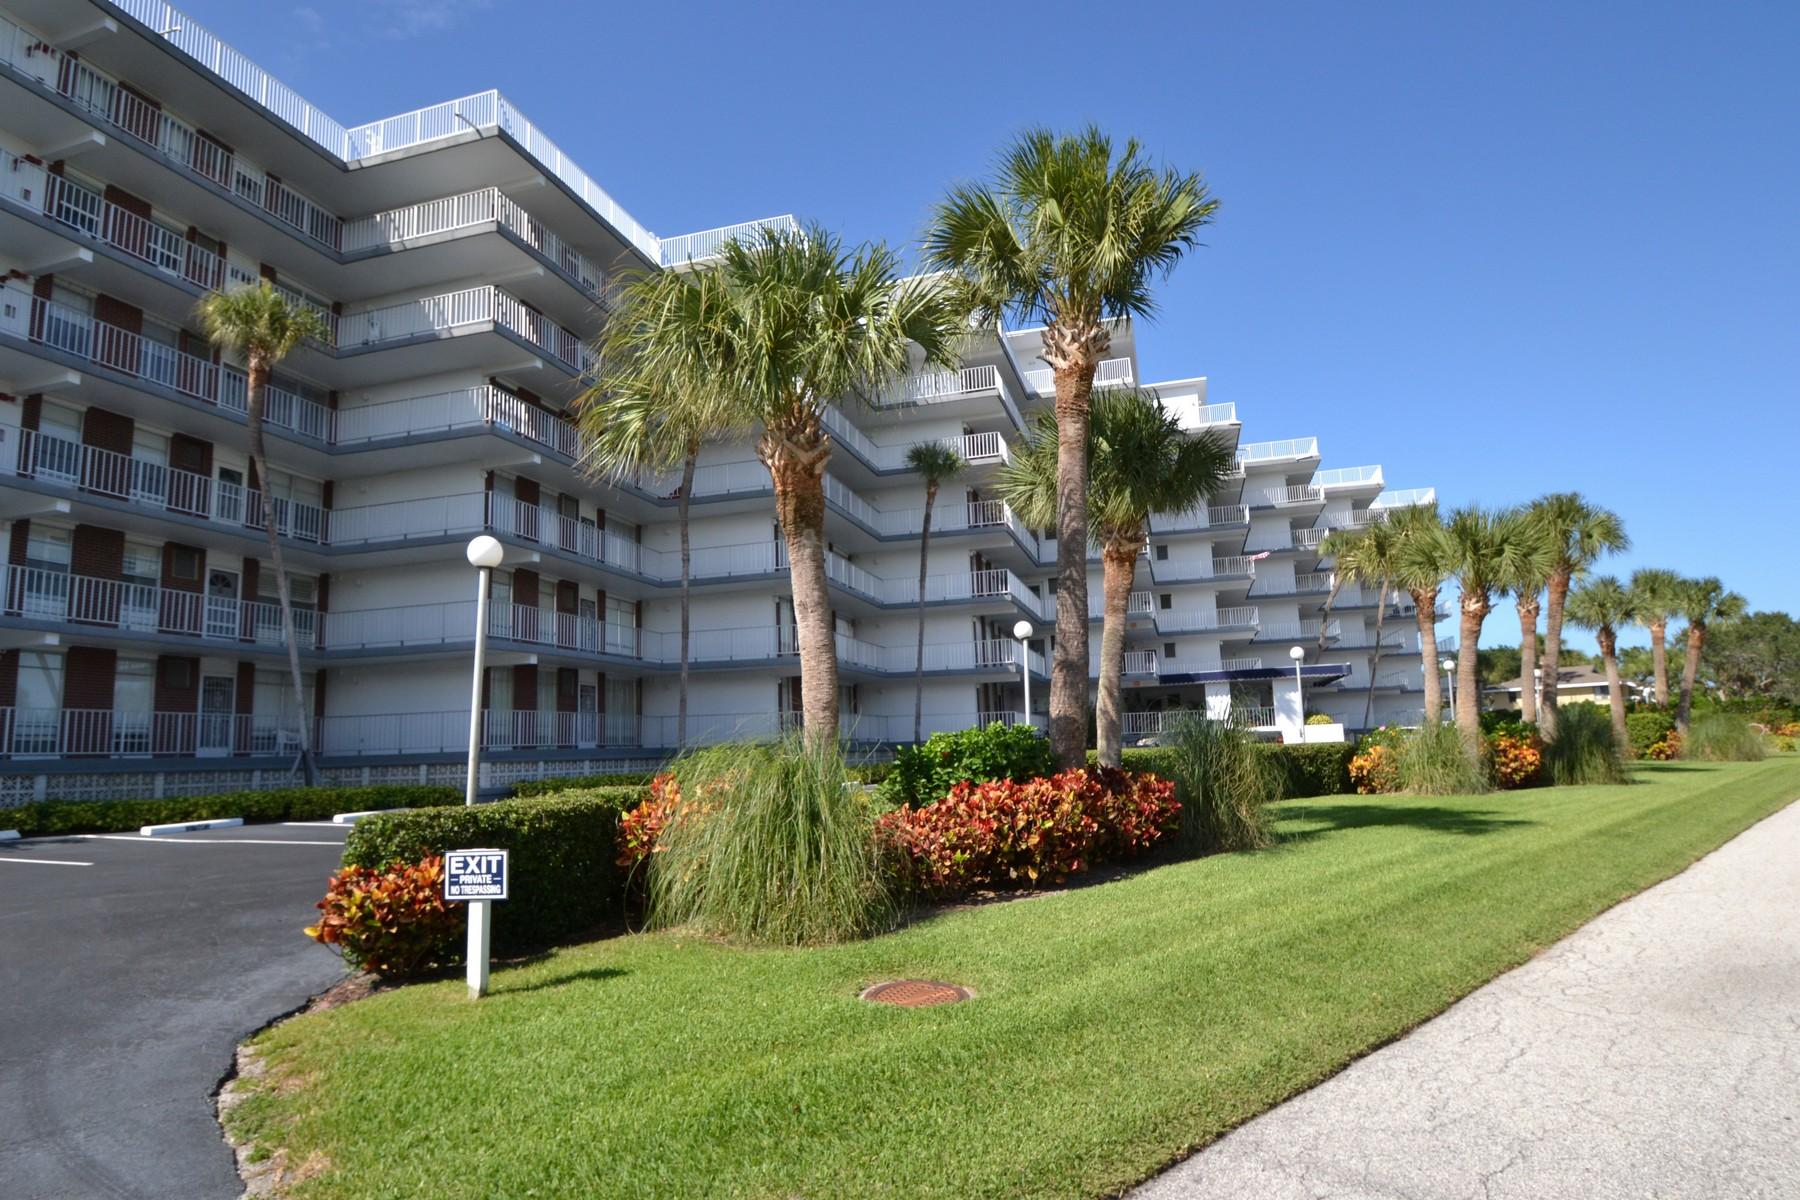 Only Blocks To The Beach! 935 E Causeway Blvd #205 Vero Beach, Florida 32963 Estados Unidos